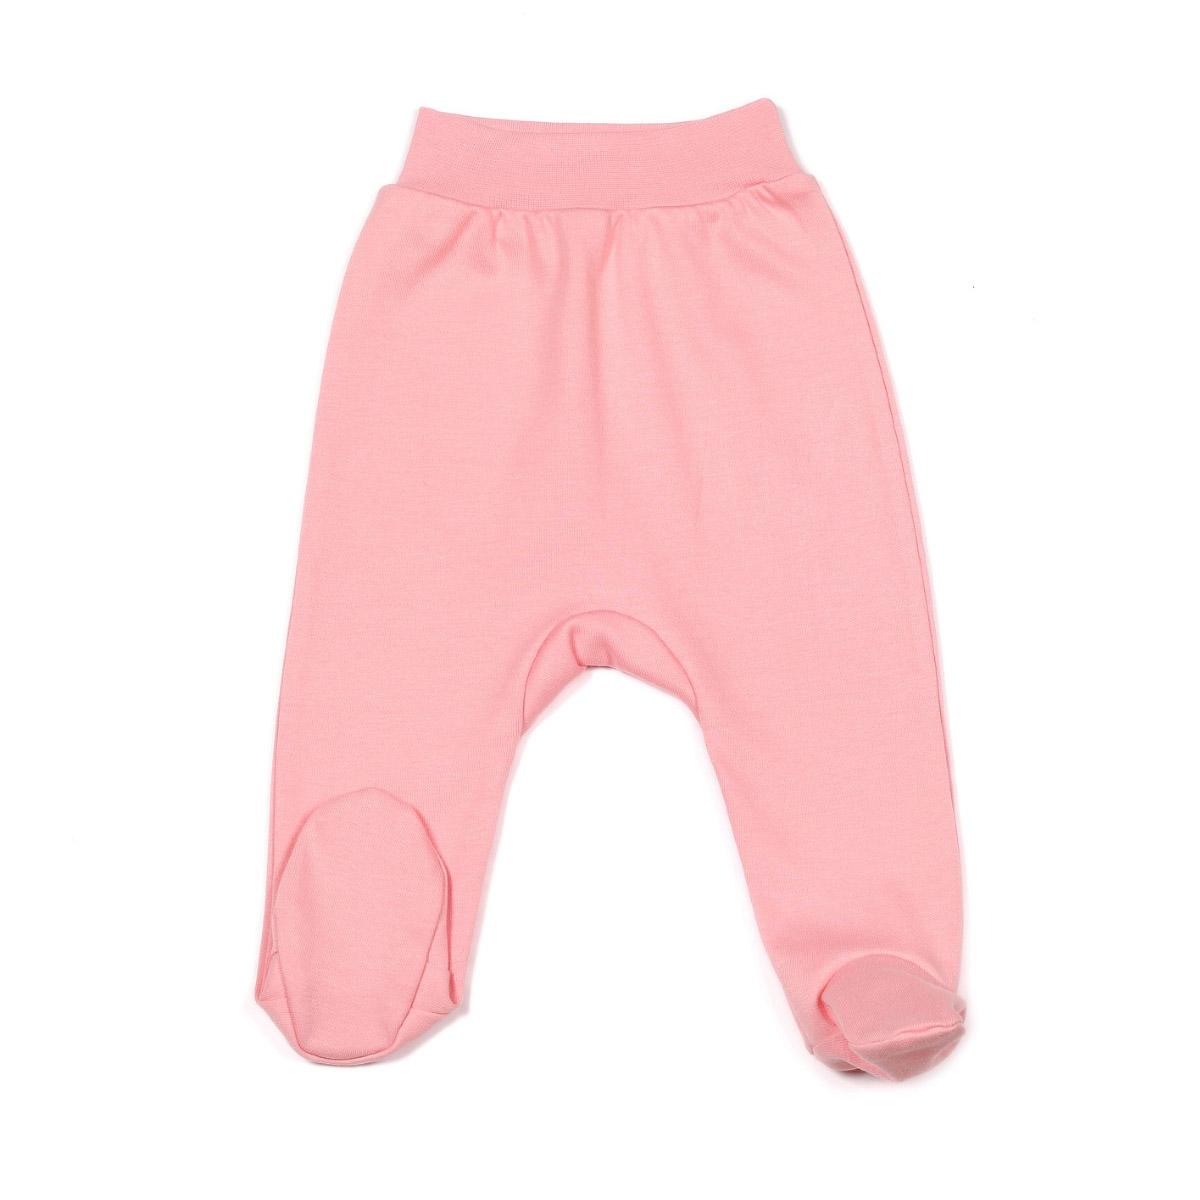 Ползунки с ножками Ёмаё Венеция (26-247) рост 80 розовый<br>